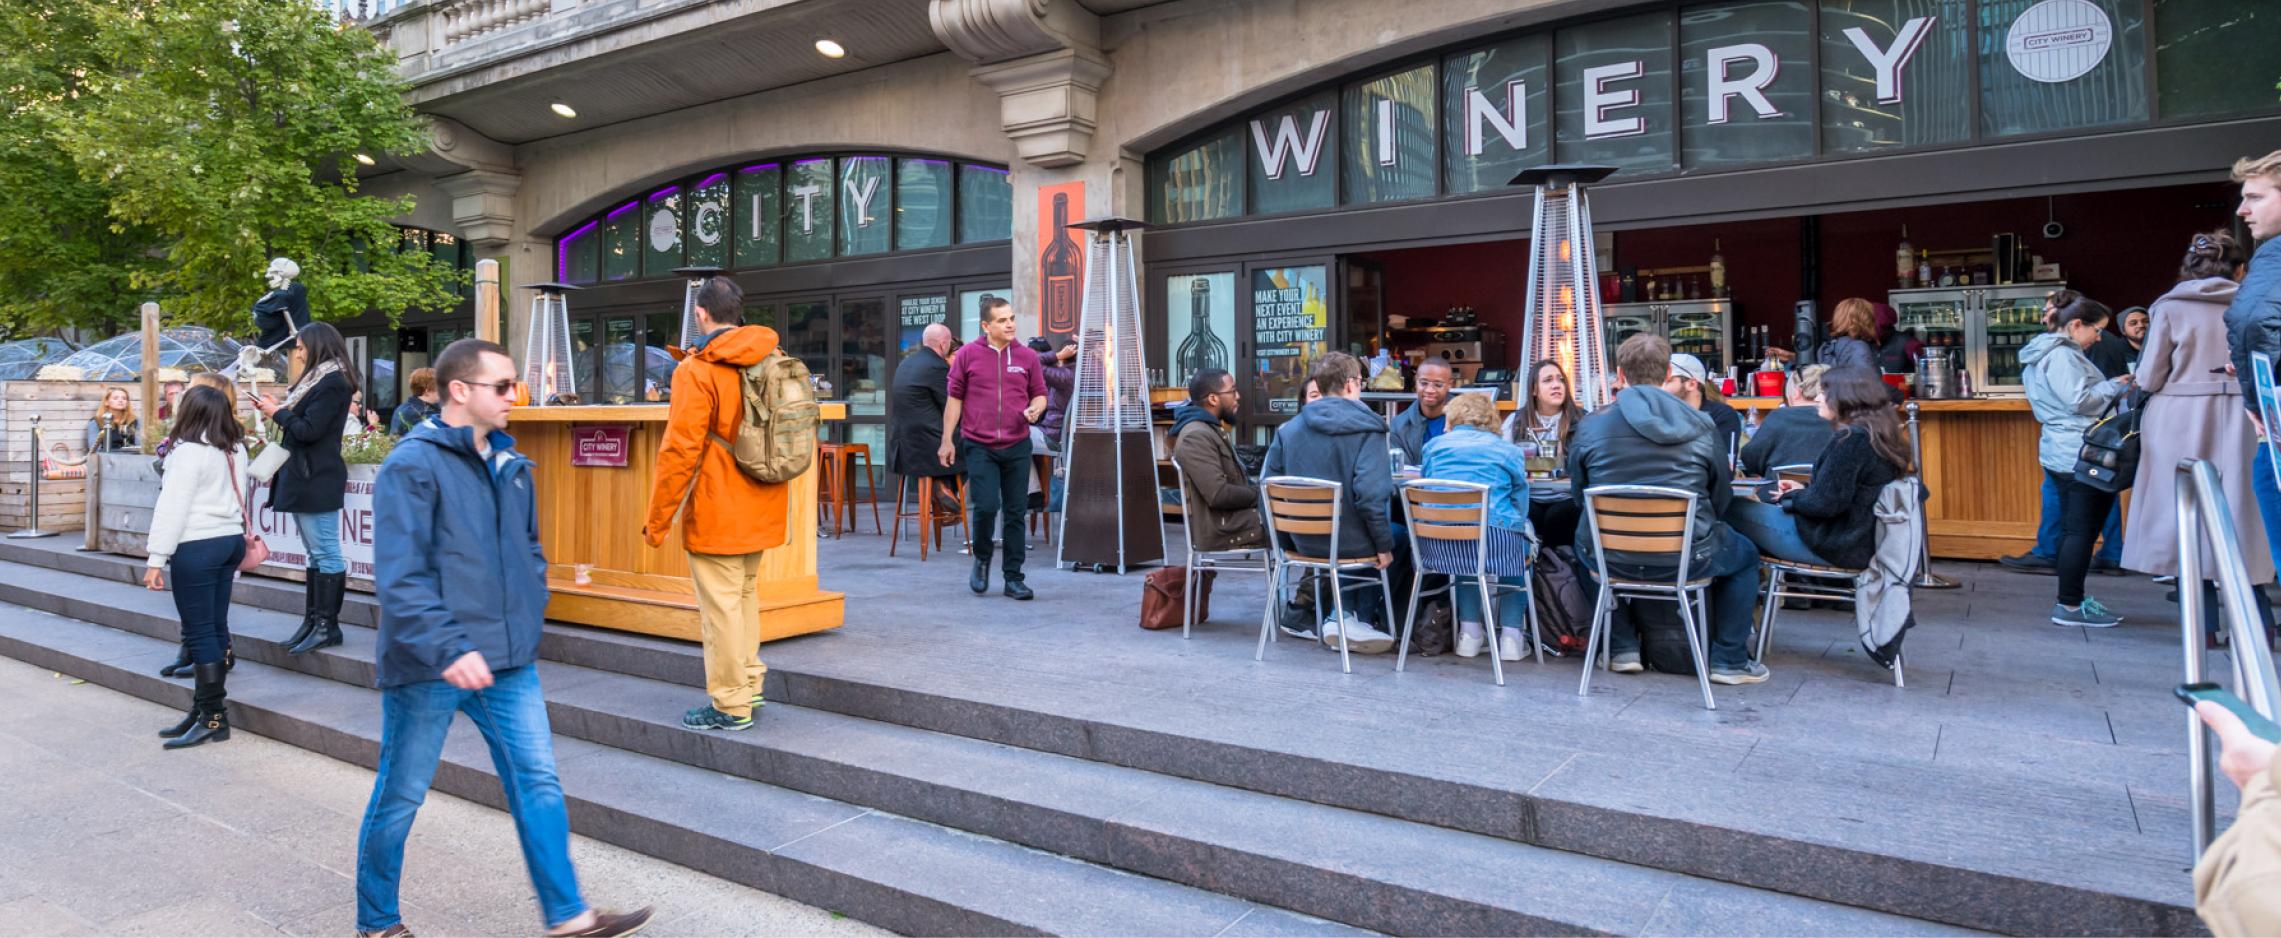 Lake & Wells City Winery